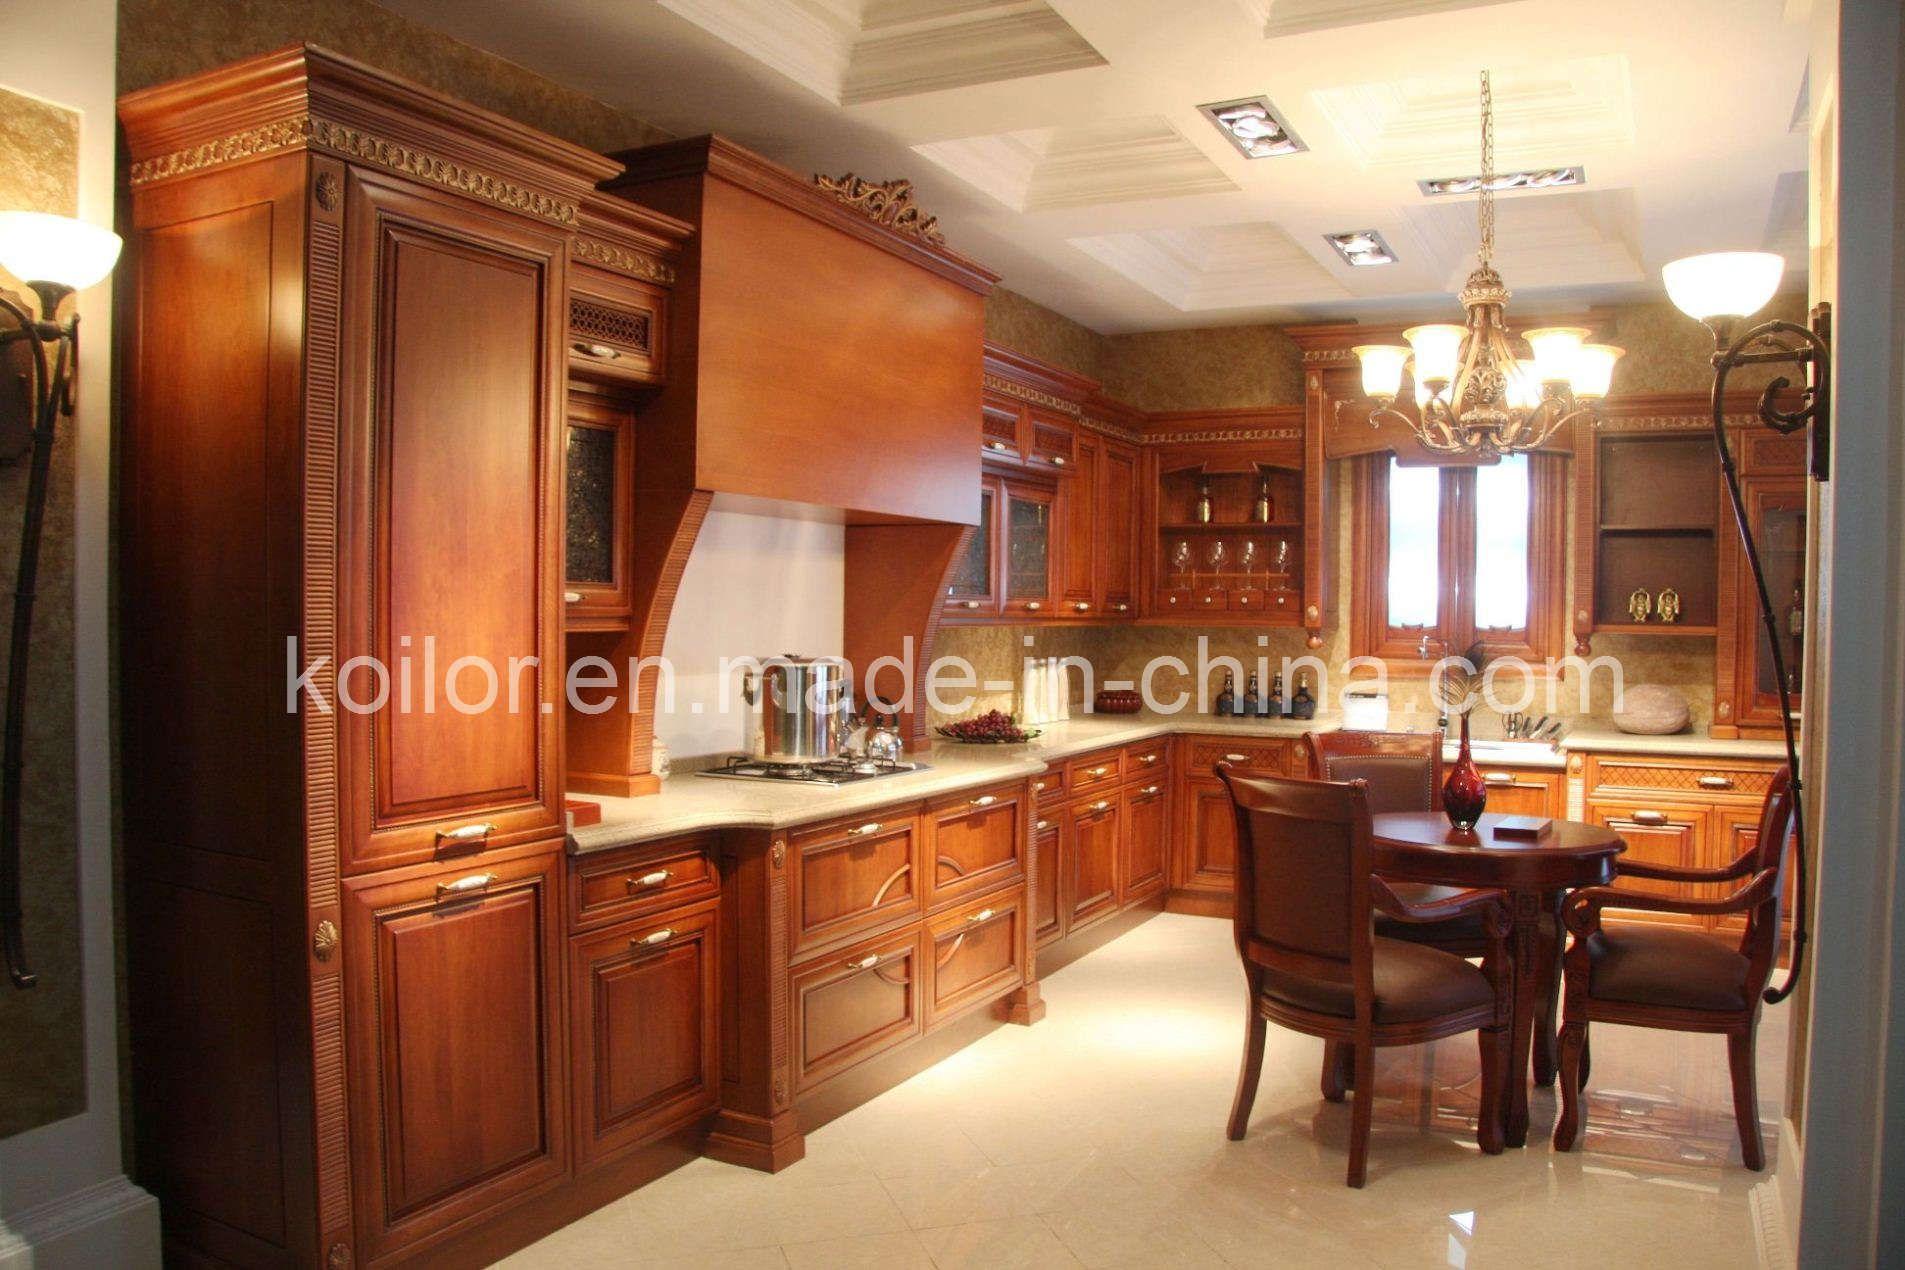 Best Kitchen Gallery: Kitchen Cabi S Kitchen Cabi Solid Wood Kitchen Cabi S of Chinese Kitchen Cupboard on rachelxblog.com